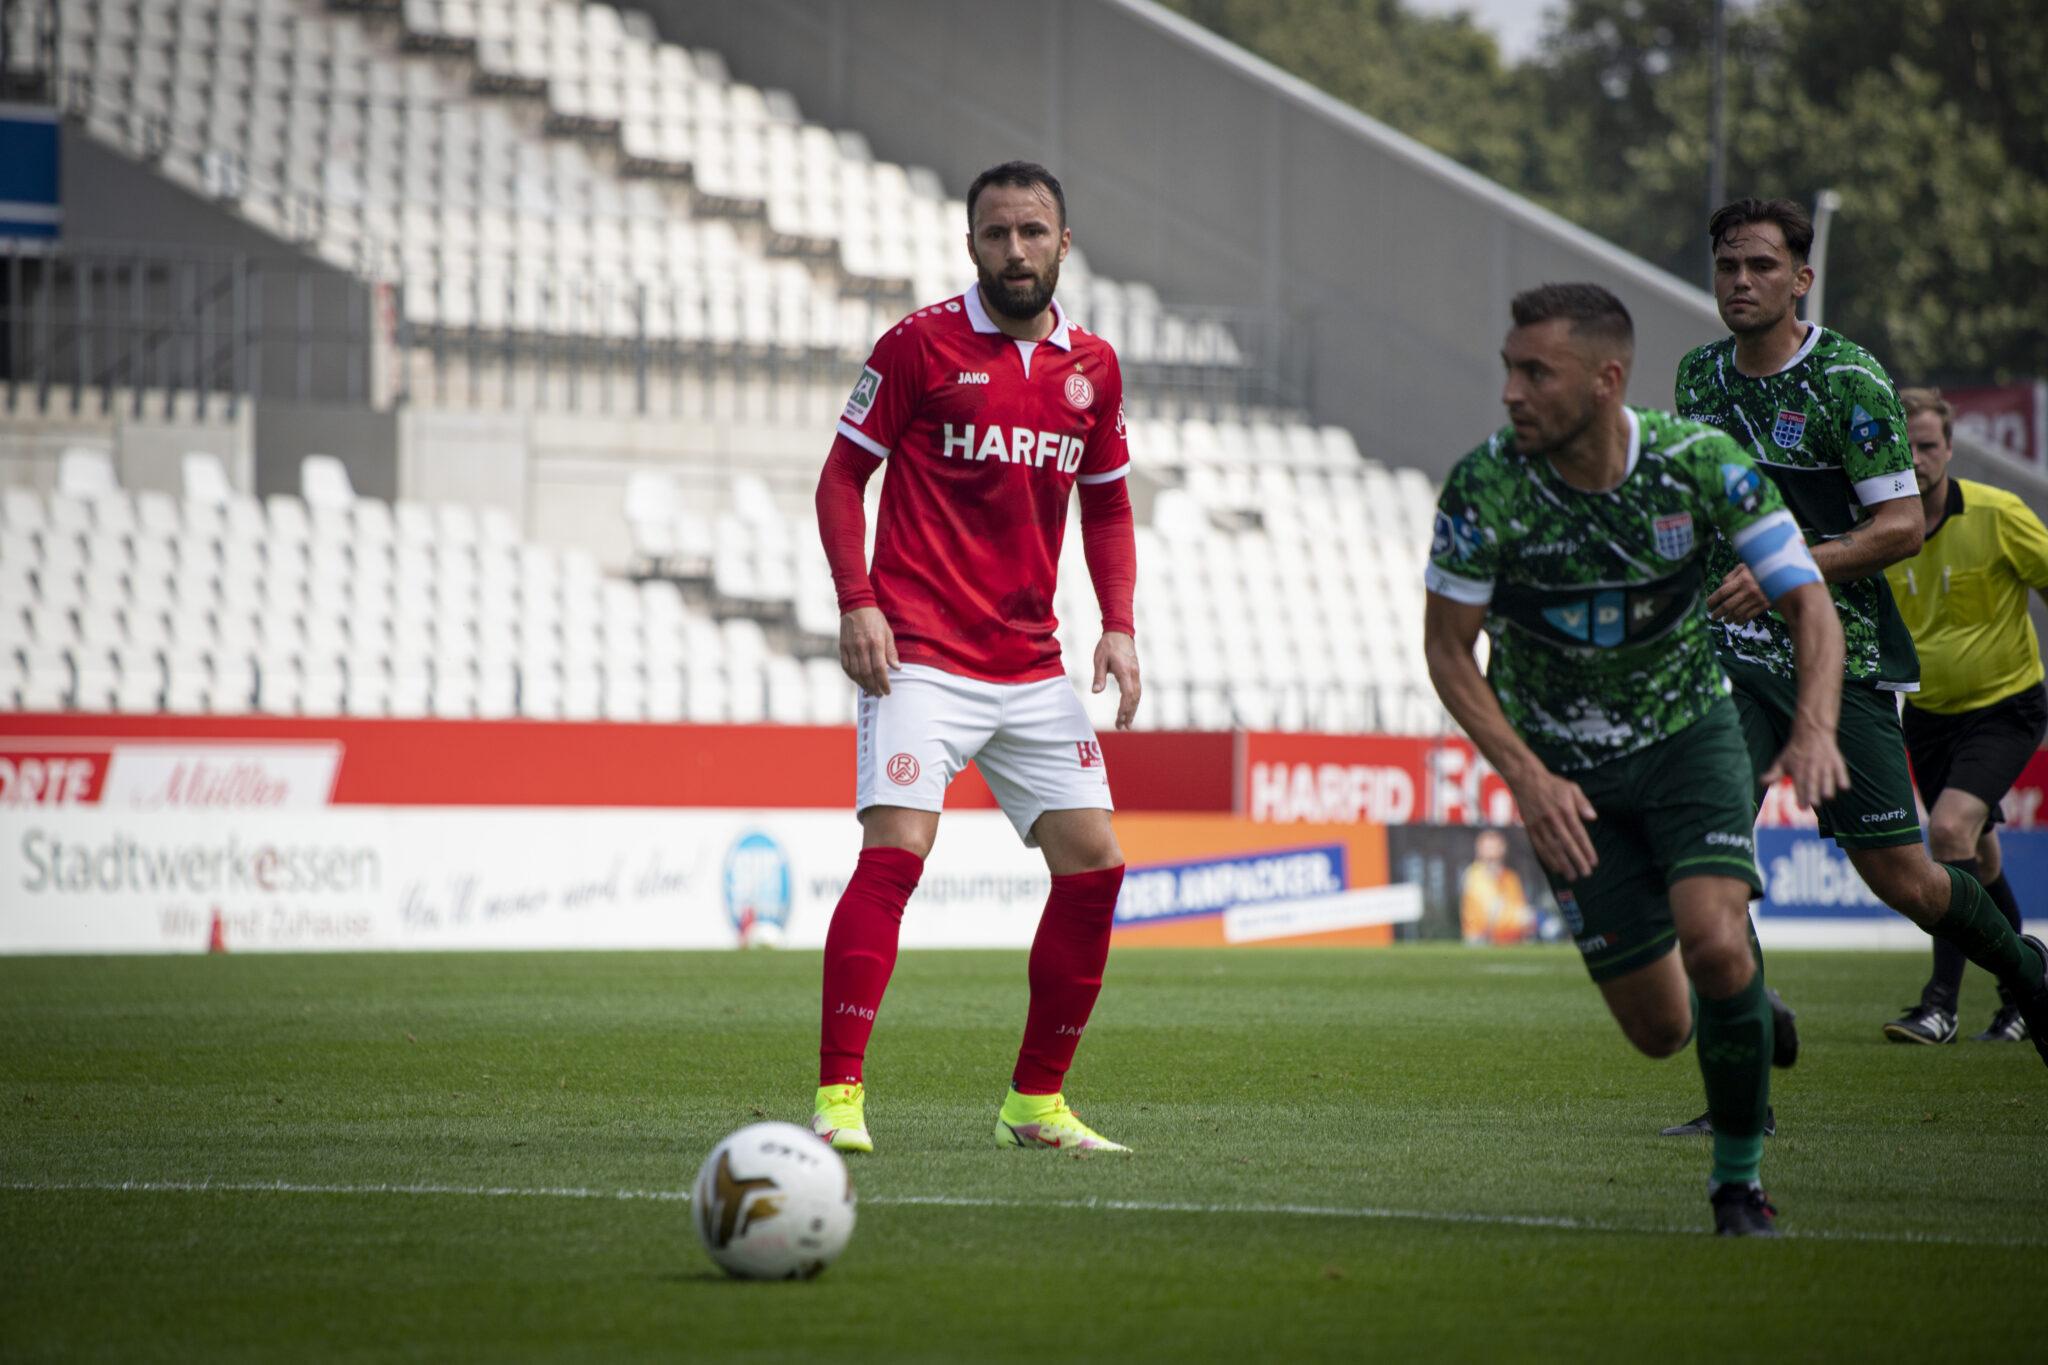 Kurzweiliger Test gegen Zwolle – Rot-Weiss Essen